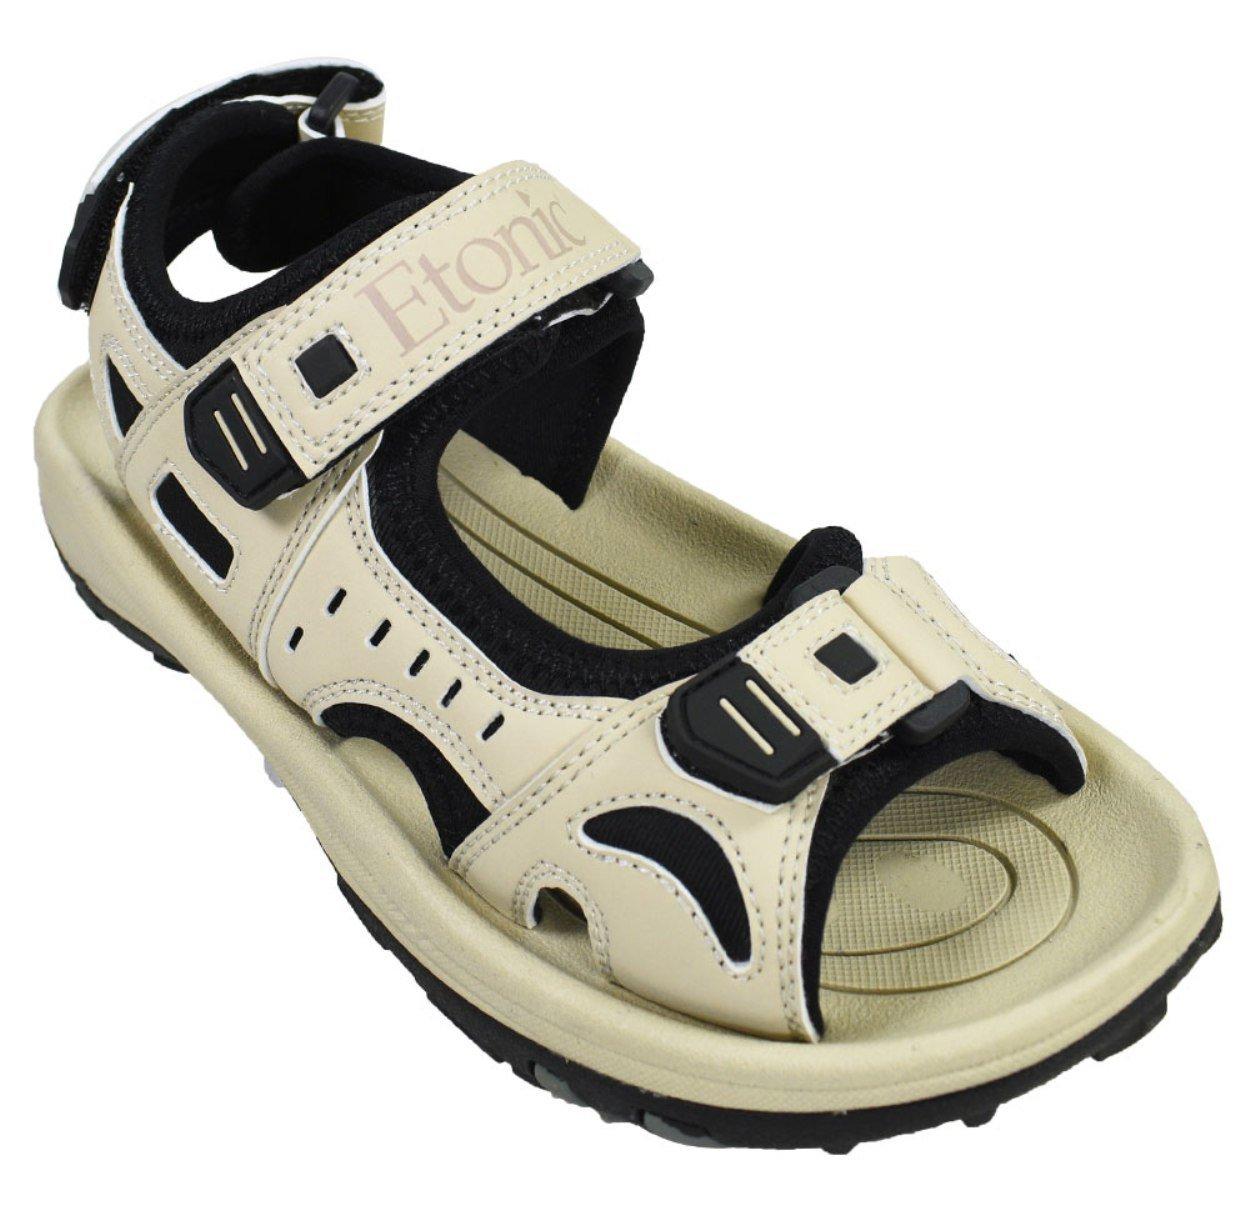 Etonic Ladies Spiked Golf Sandal